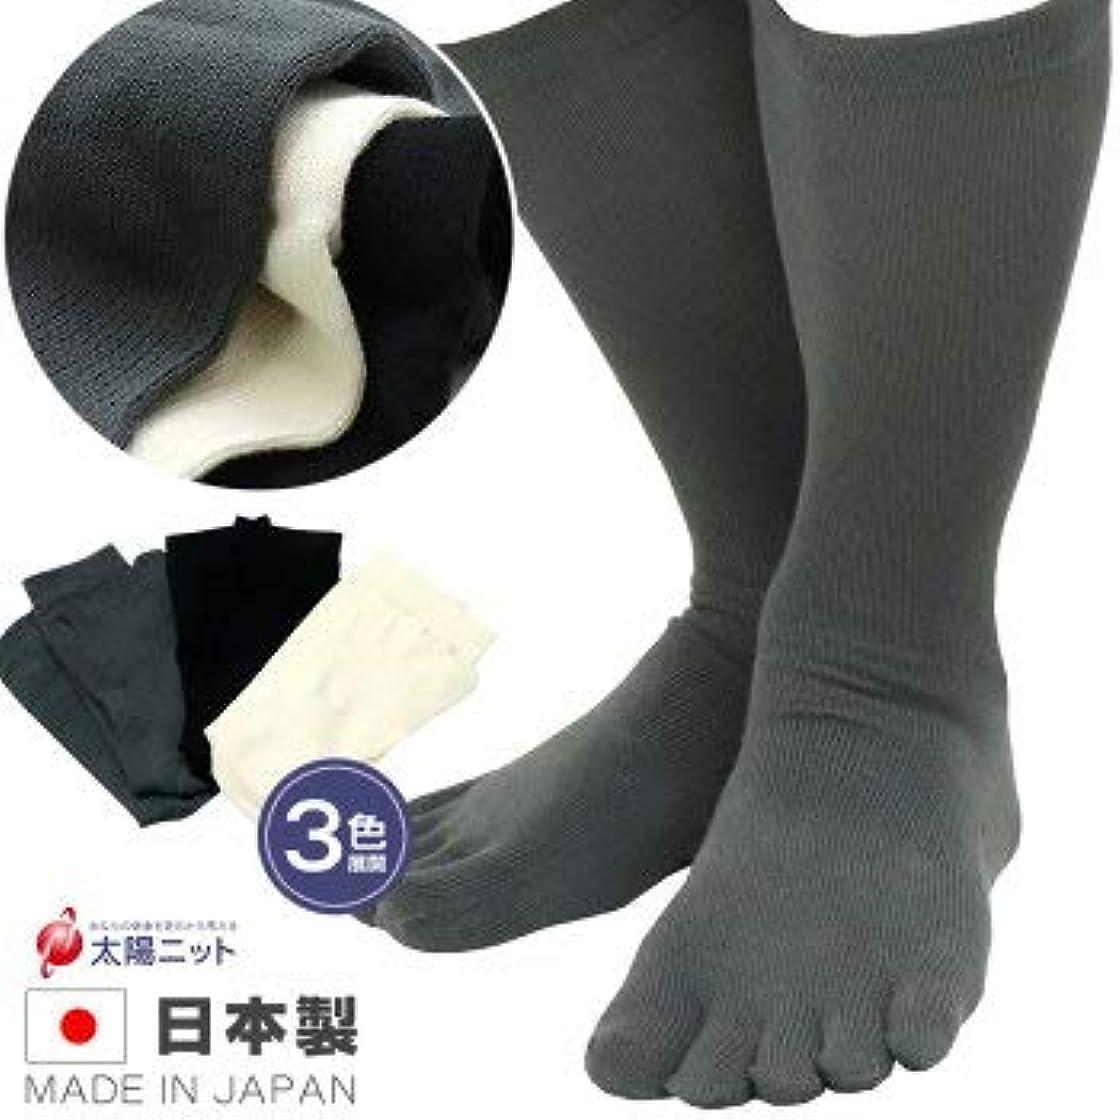 フェザーサイバースペース致命的な男性用 綿100% 5本指 靴下 におい ムレ 対策 24-26㎝ 太陽ニッ ト321 (グレー)